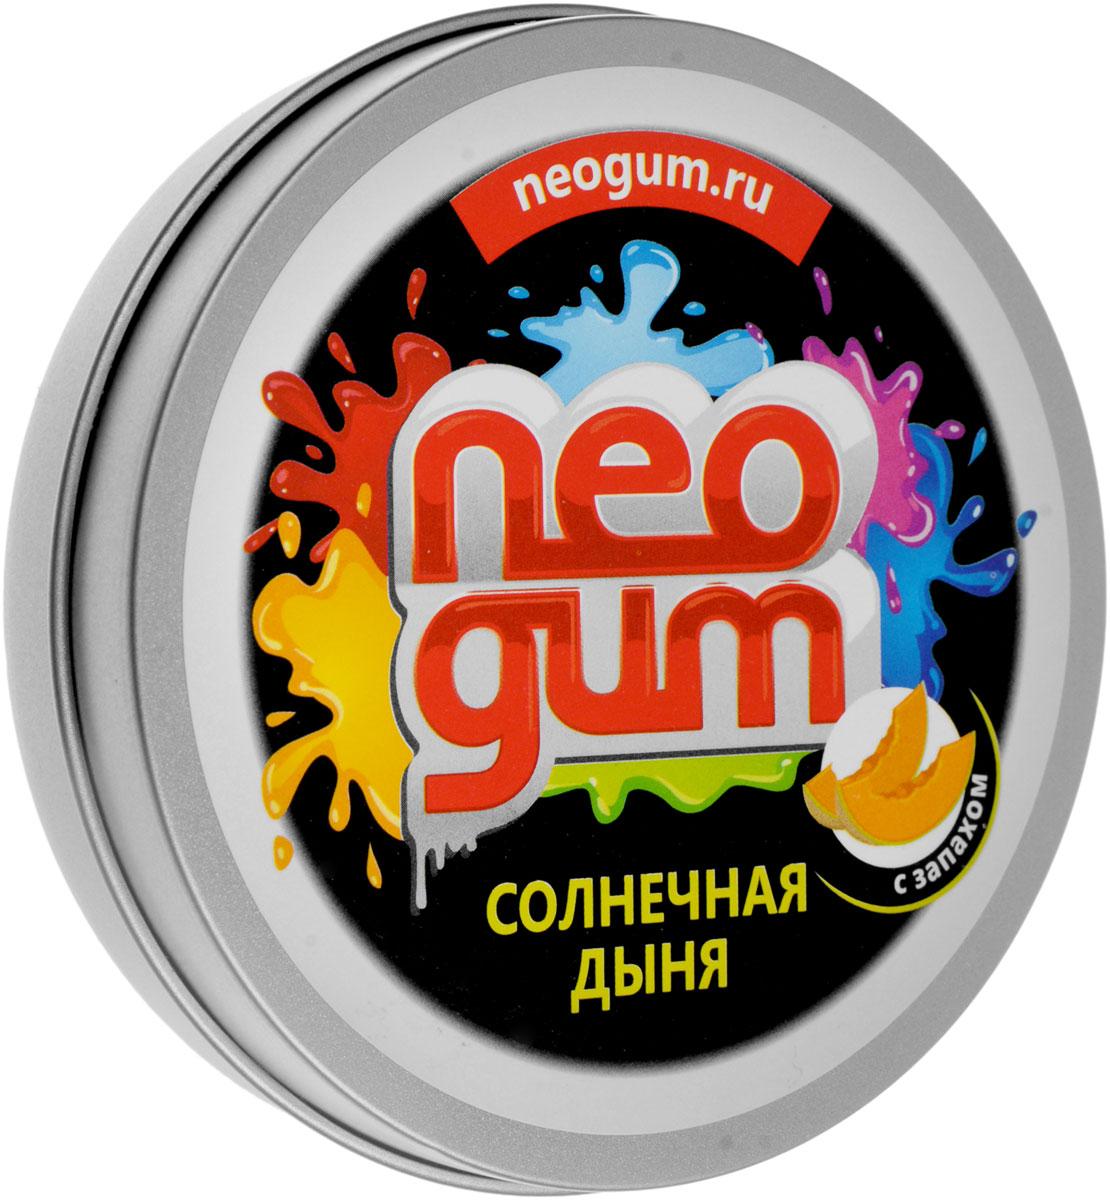 Neogum Жвачка для рук Солнечная дыня жвачка для рук neogum пряная вишня ng7021